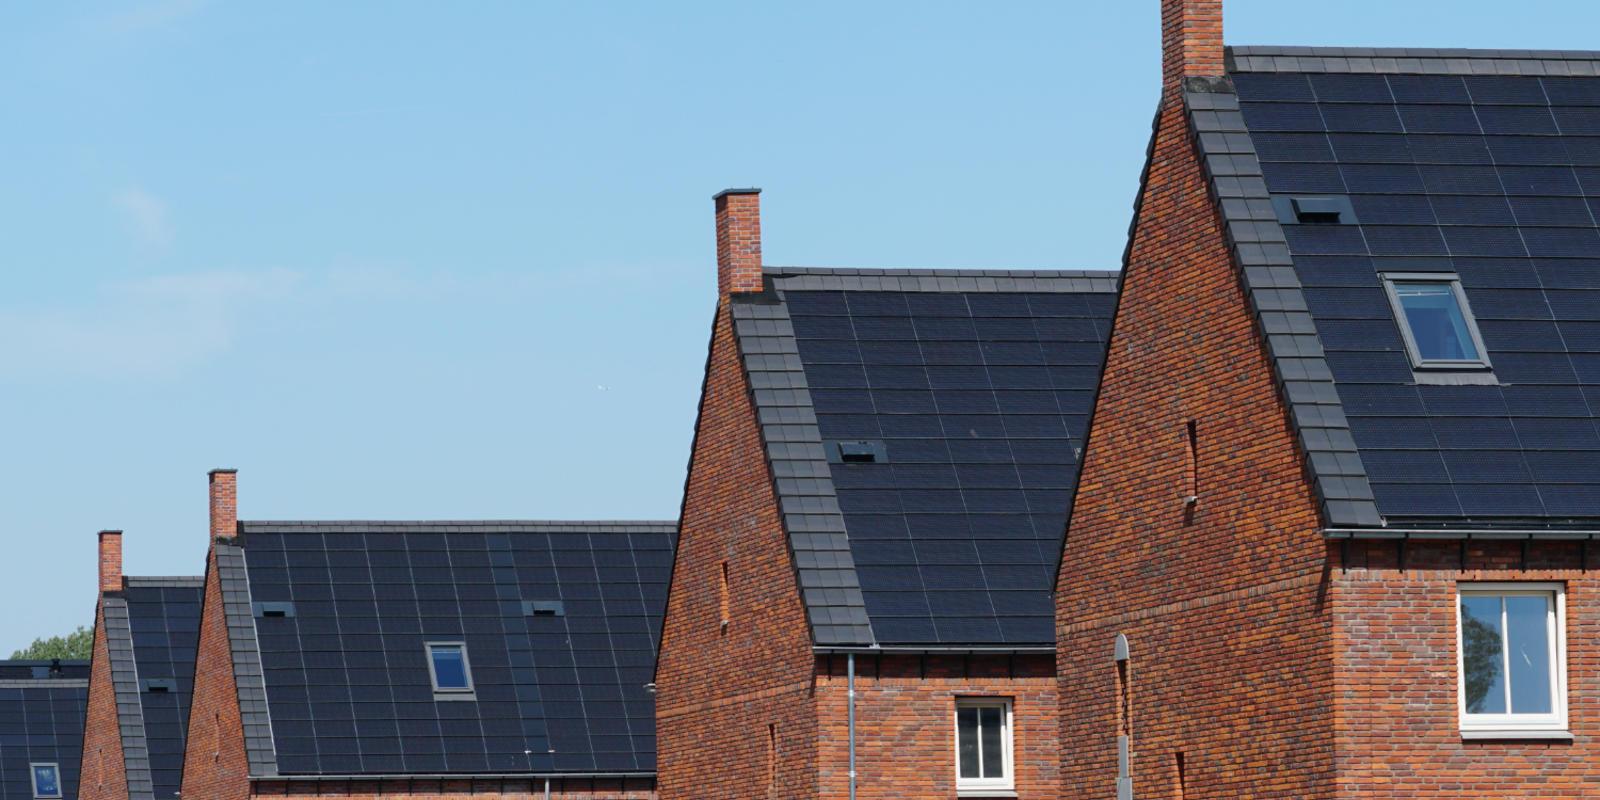 zonnepanelen in dak geintegreerd